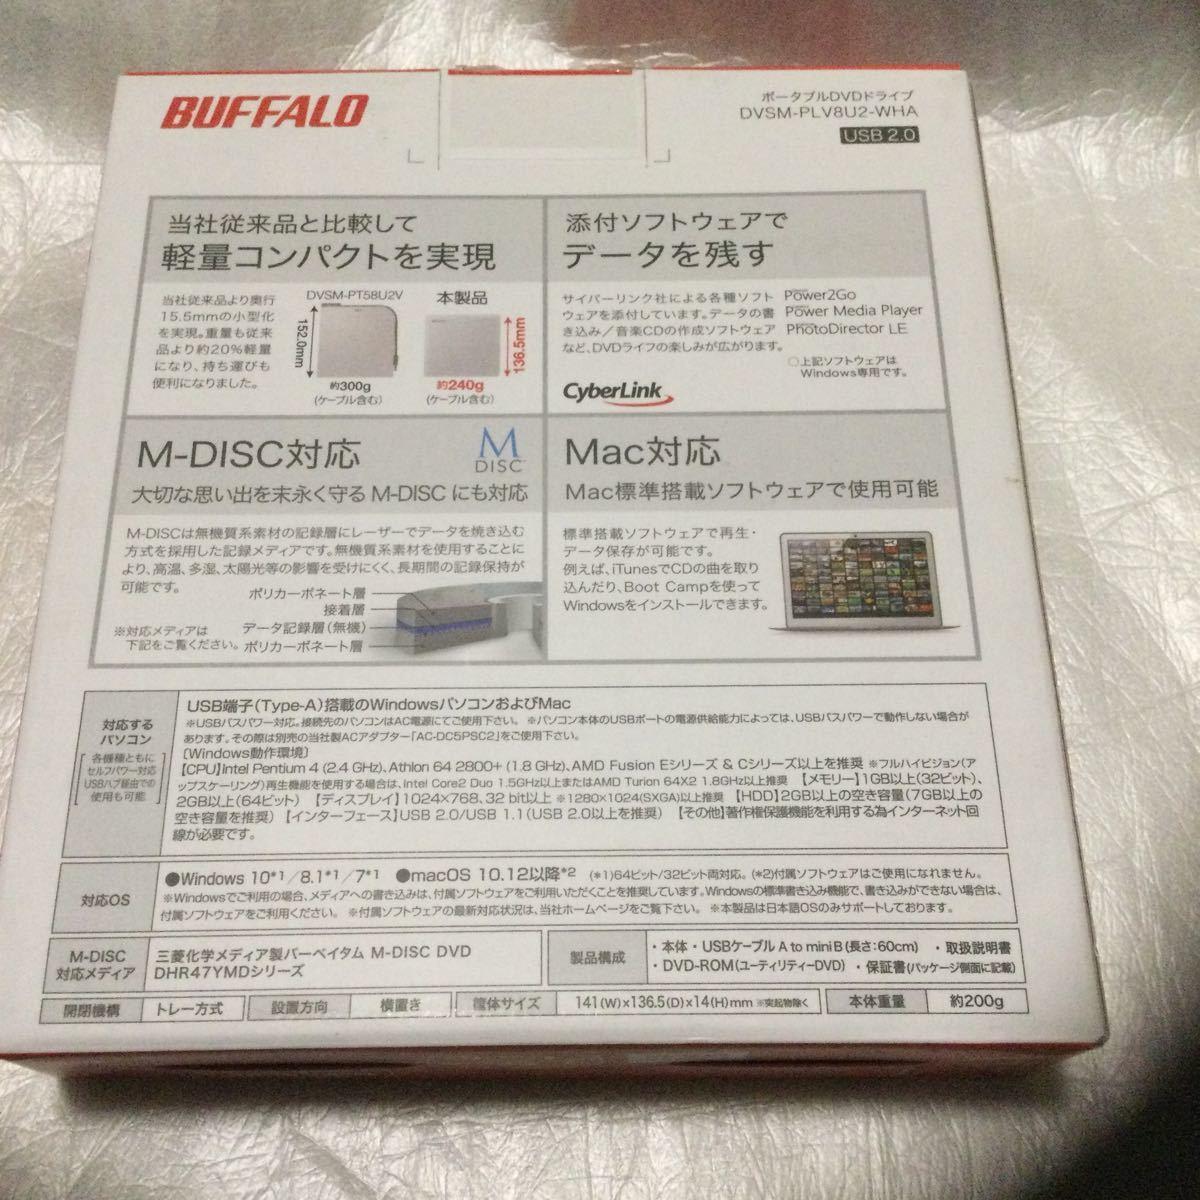 BUFFALO ポータブルDVDドライブ DVSM-PLV8U2ーWHA ホワイト  白 USB2